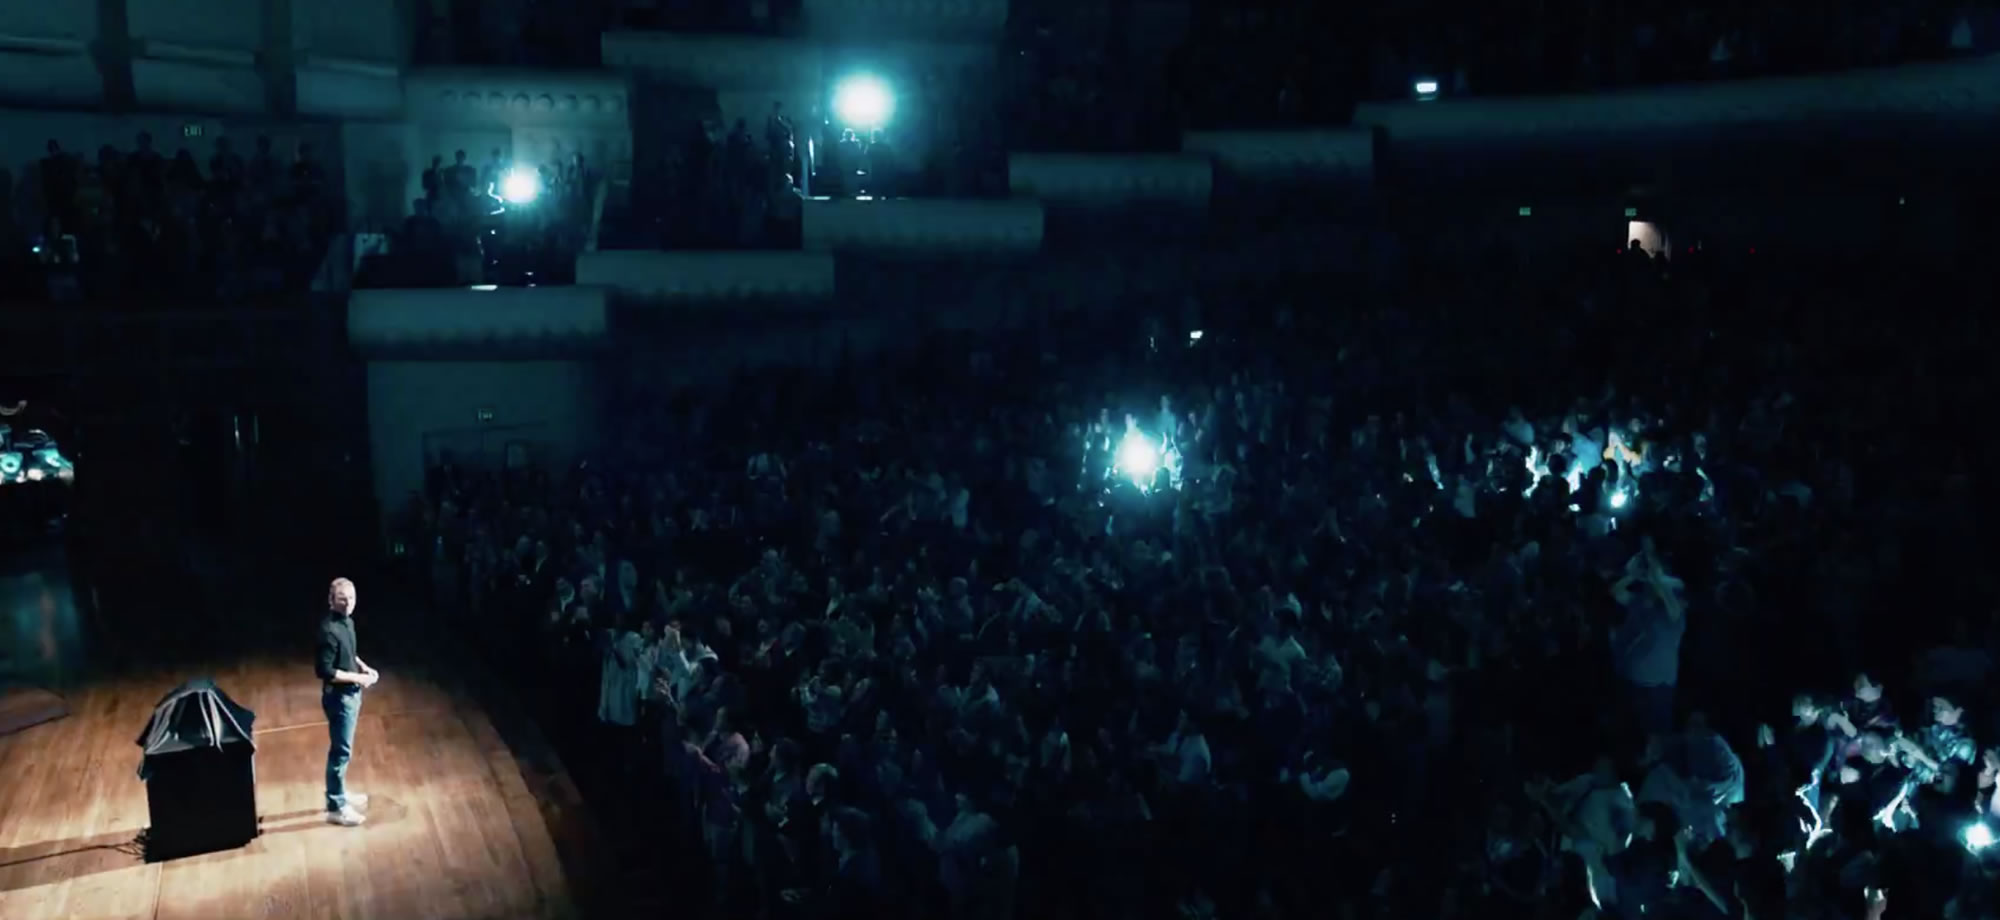 Steve Jobs será estrenada en Octubre de 2015. Se espera su estreno para Latinoamérica y Europa en 2016.